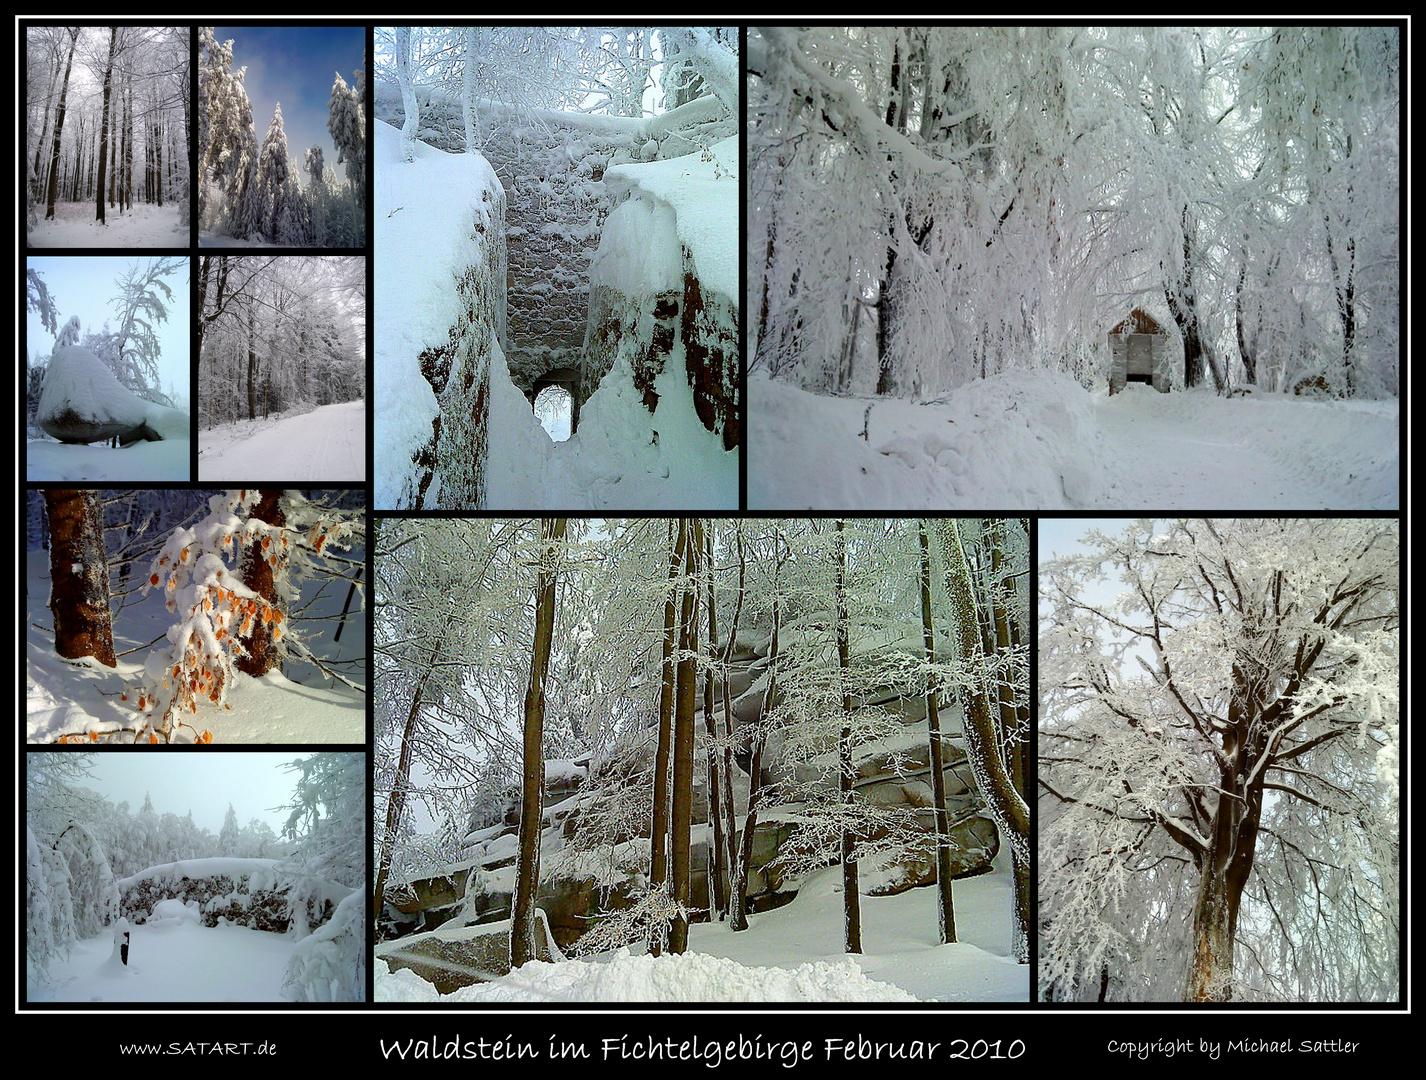 Winter am Waldstein